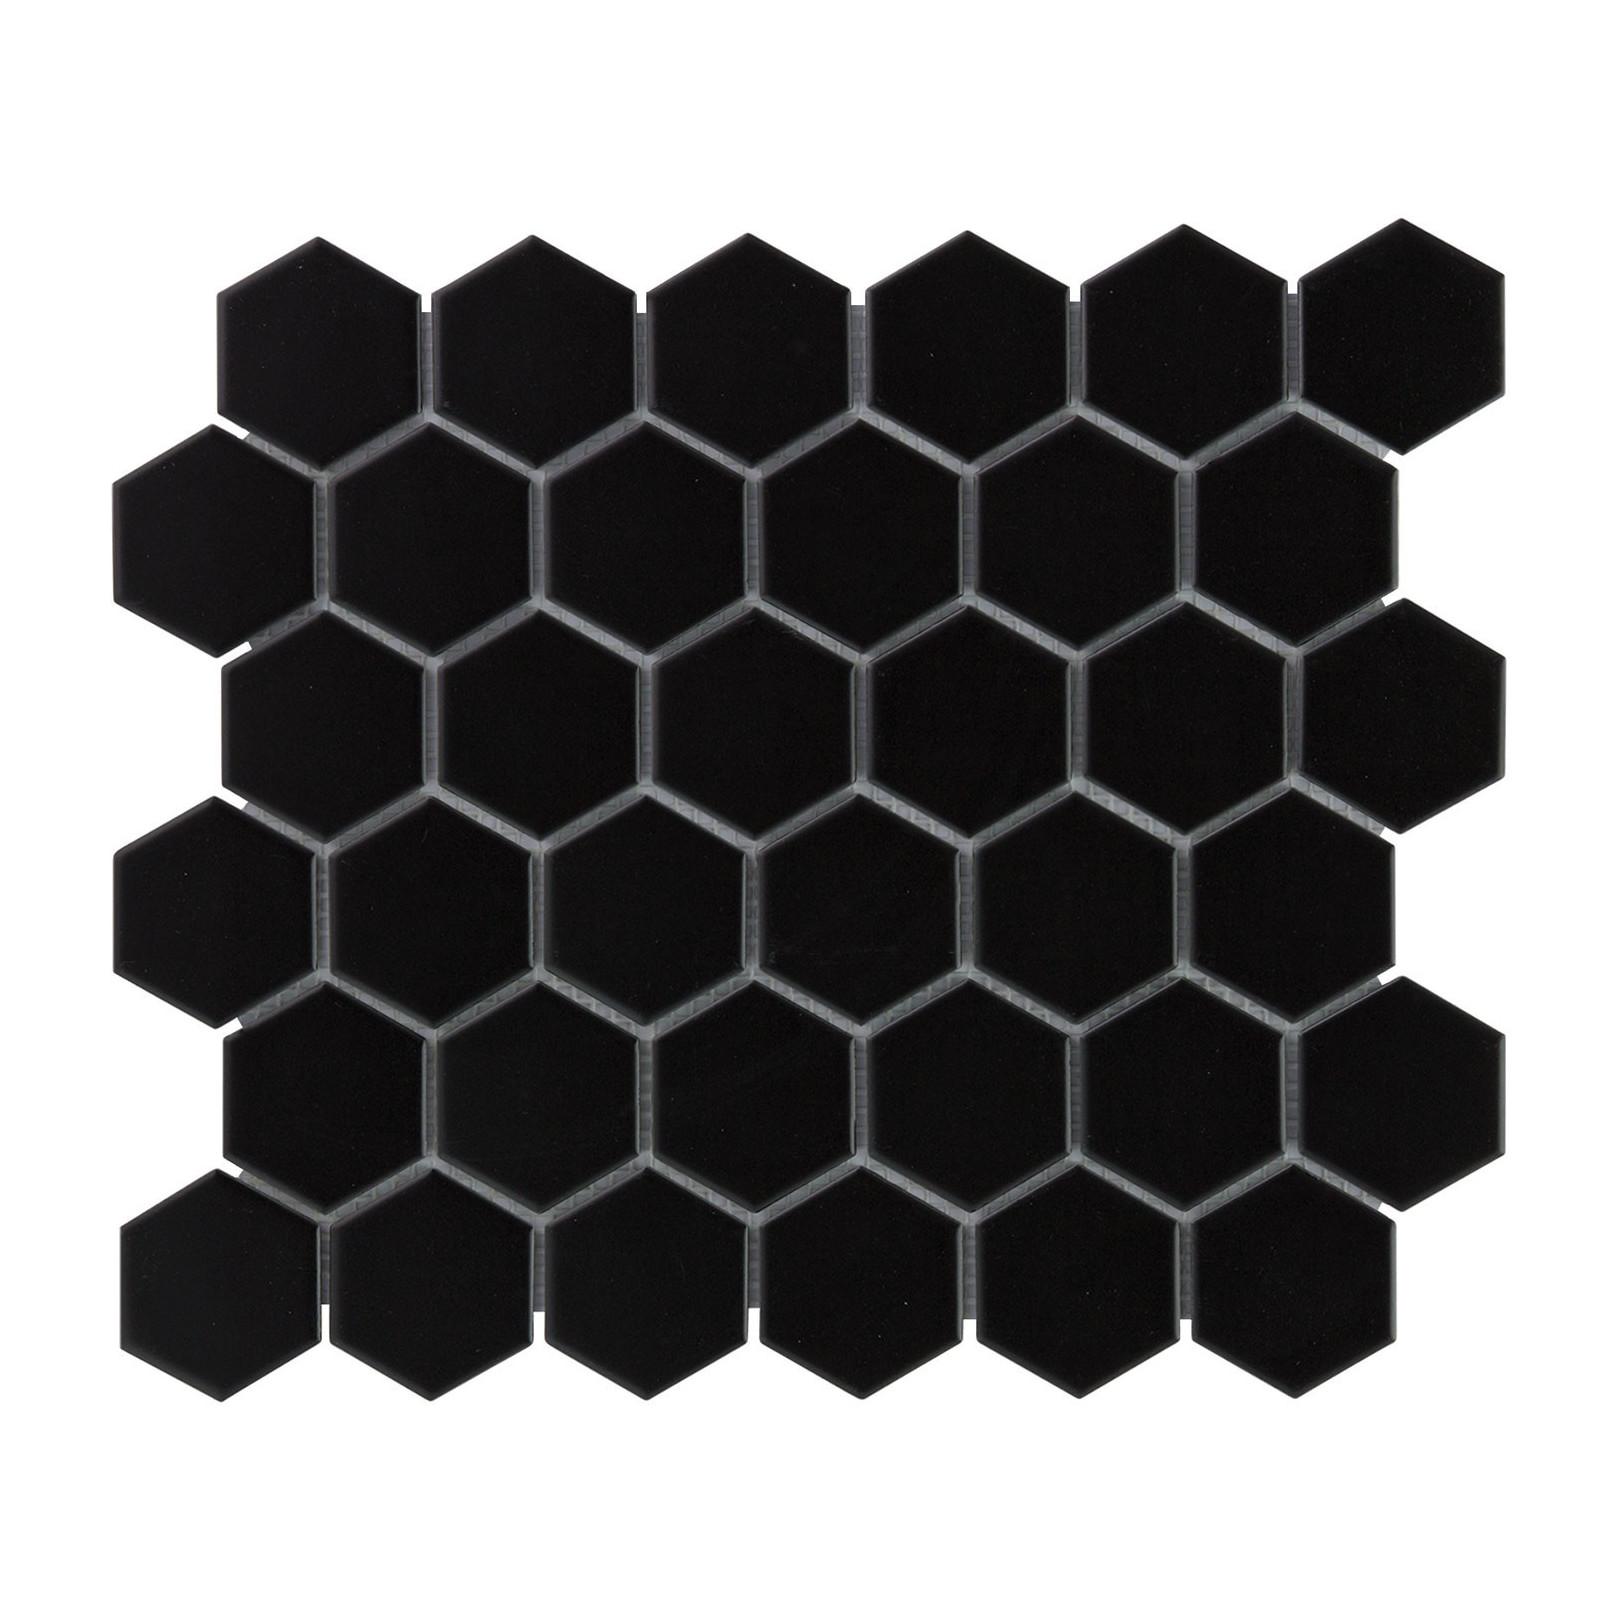 Mosaïque de porcelaine hexagone 5,9x5,1cm Barcelona Black mat